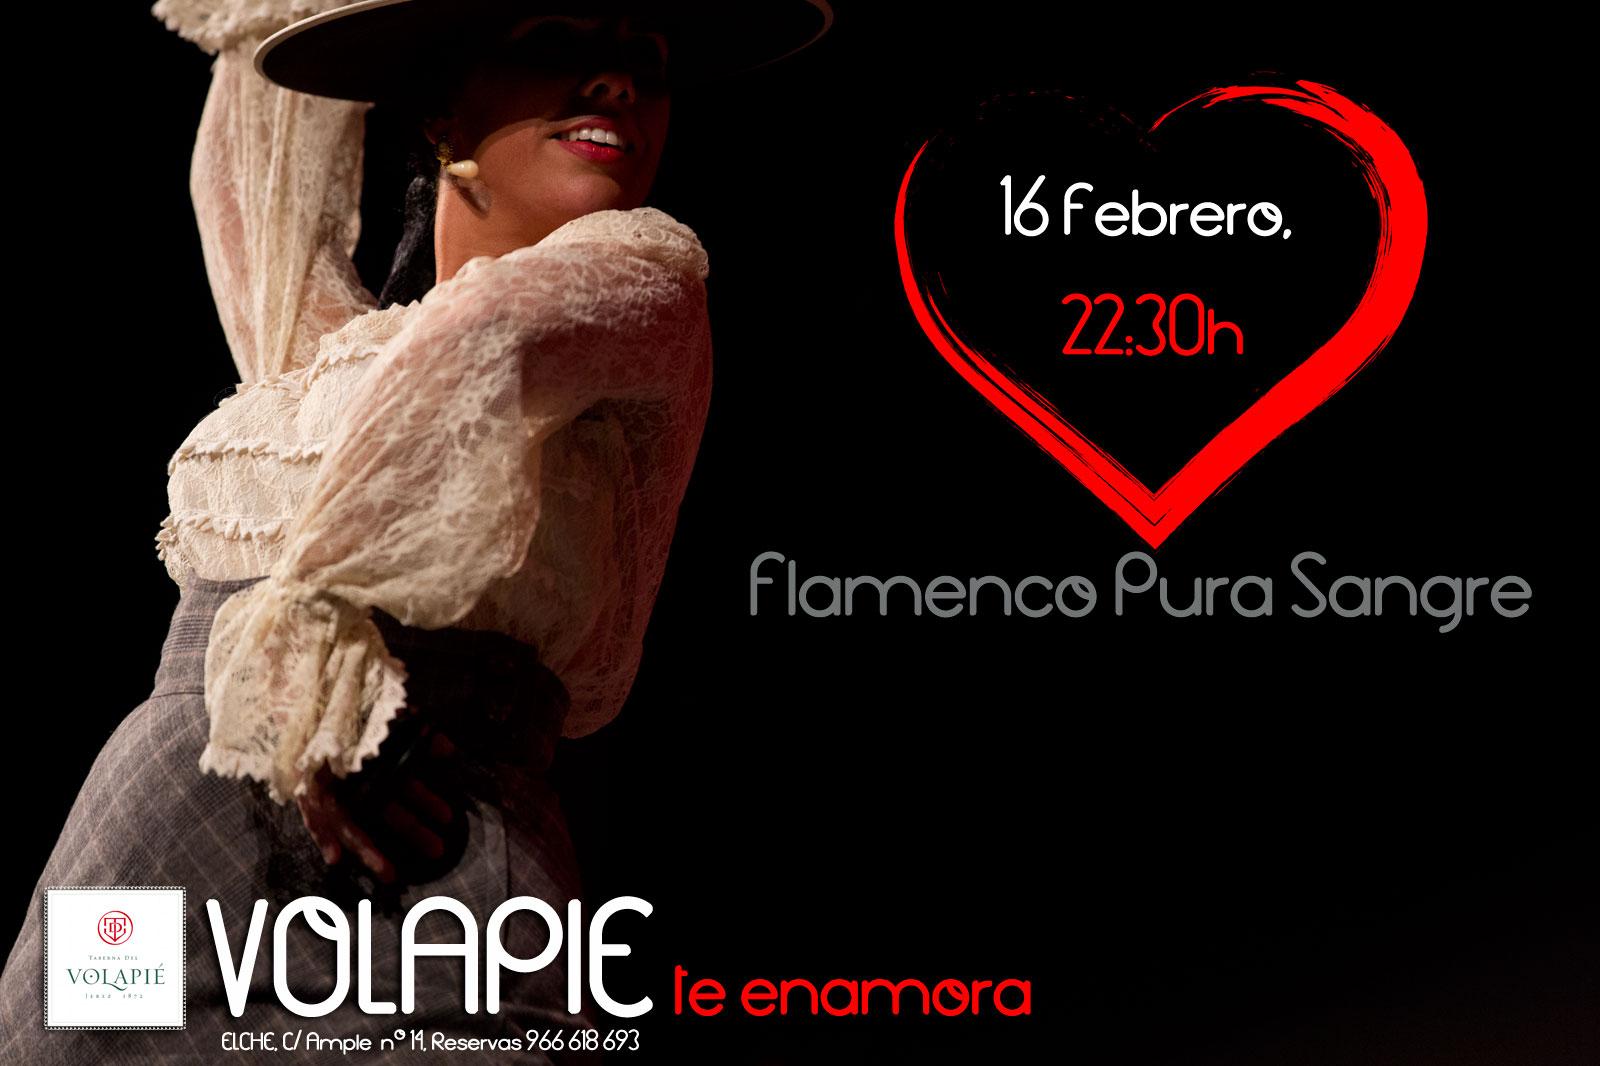 Flamenco Pura Sangre volapie